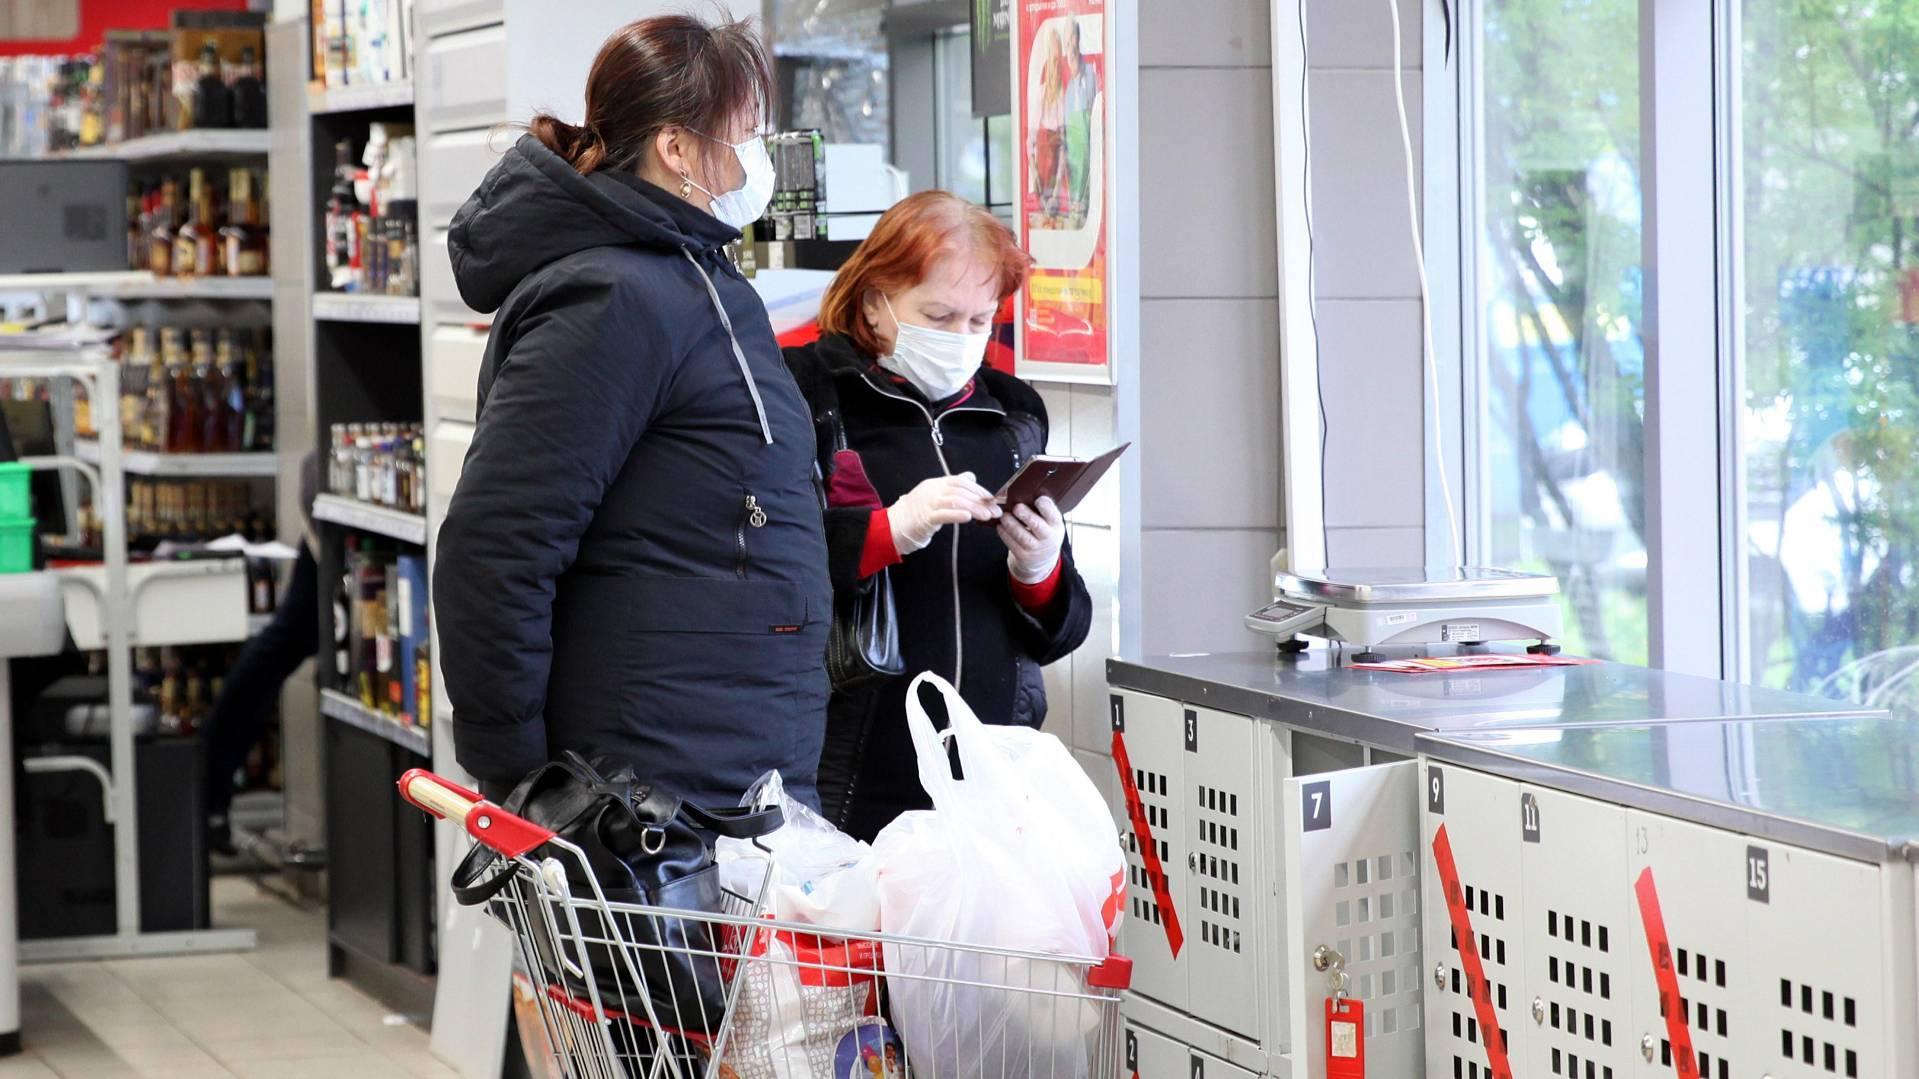 Новые цены. Что подорожает после пандемии коронавируса